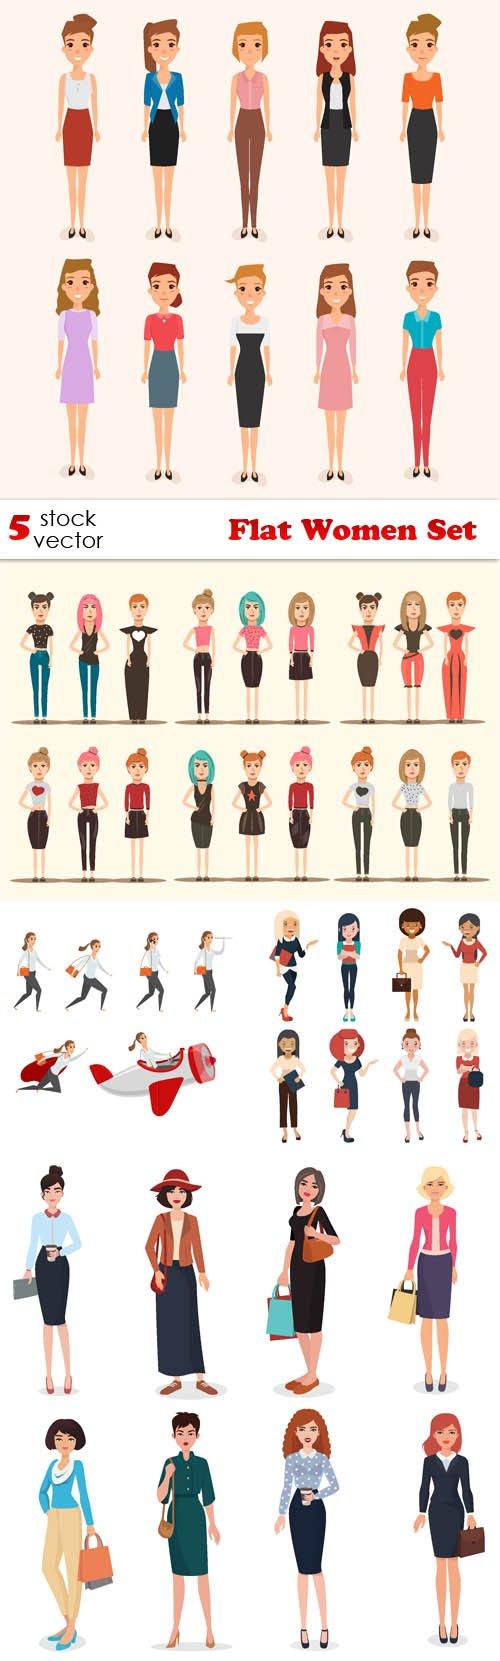 Vectors - Flat Women Set